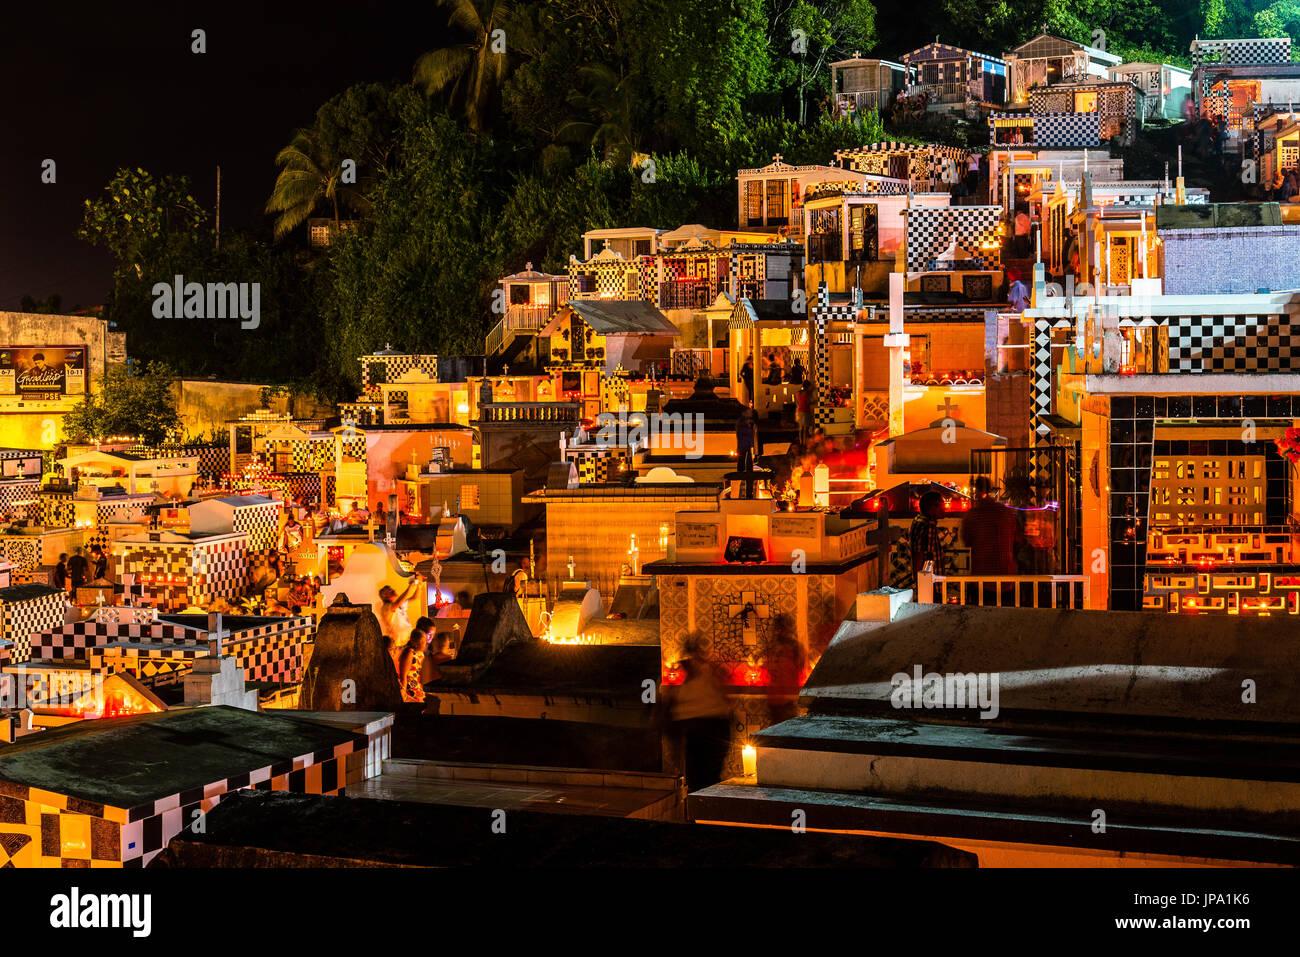 """MORNE-A-L'EAU, GUADELOUPE - 01 novembre, 2015: Cimetière de 'Morne-à-l'eau"""", la Guadeloupe. avec des bougies allumées sur la Toussaint Photo Stock"""